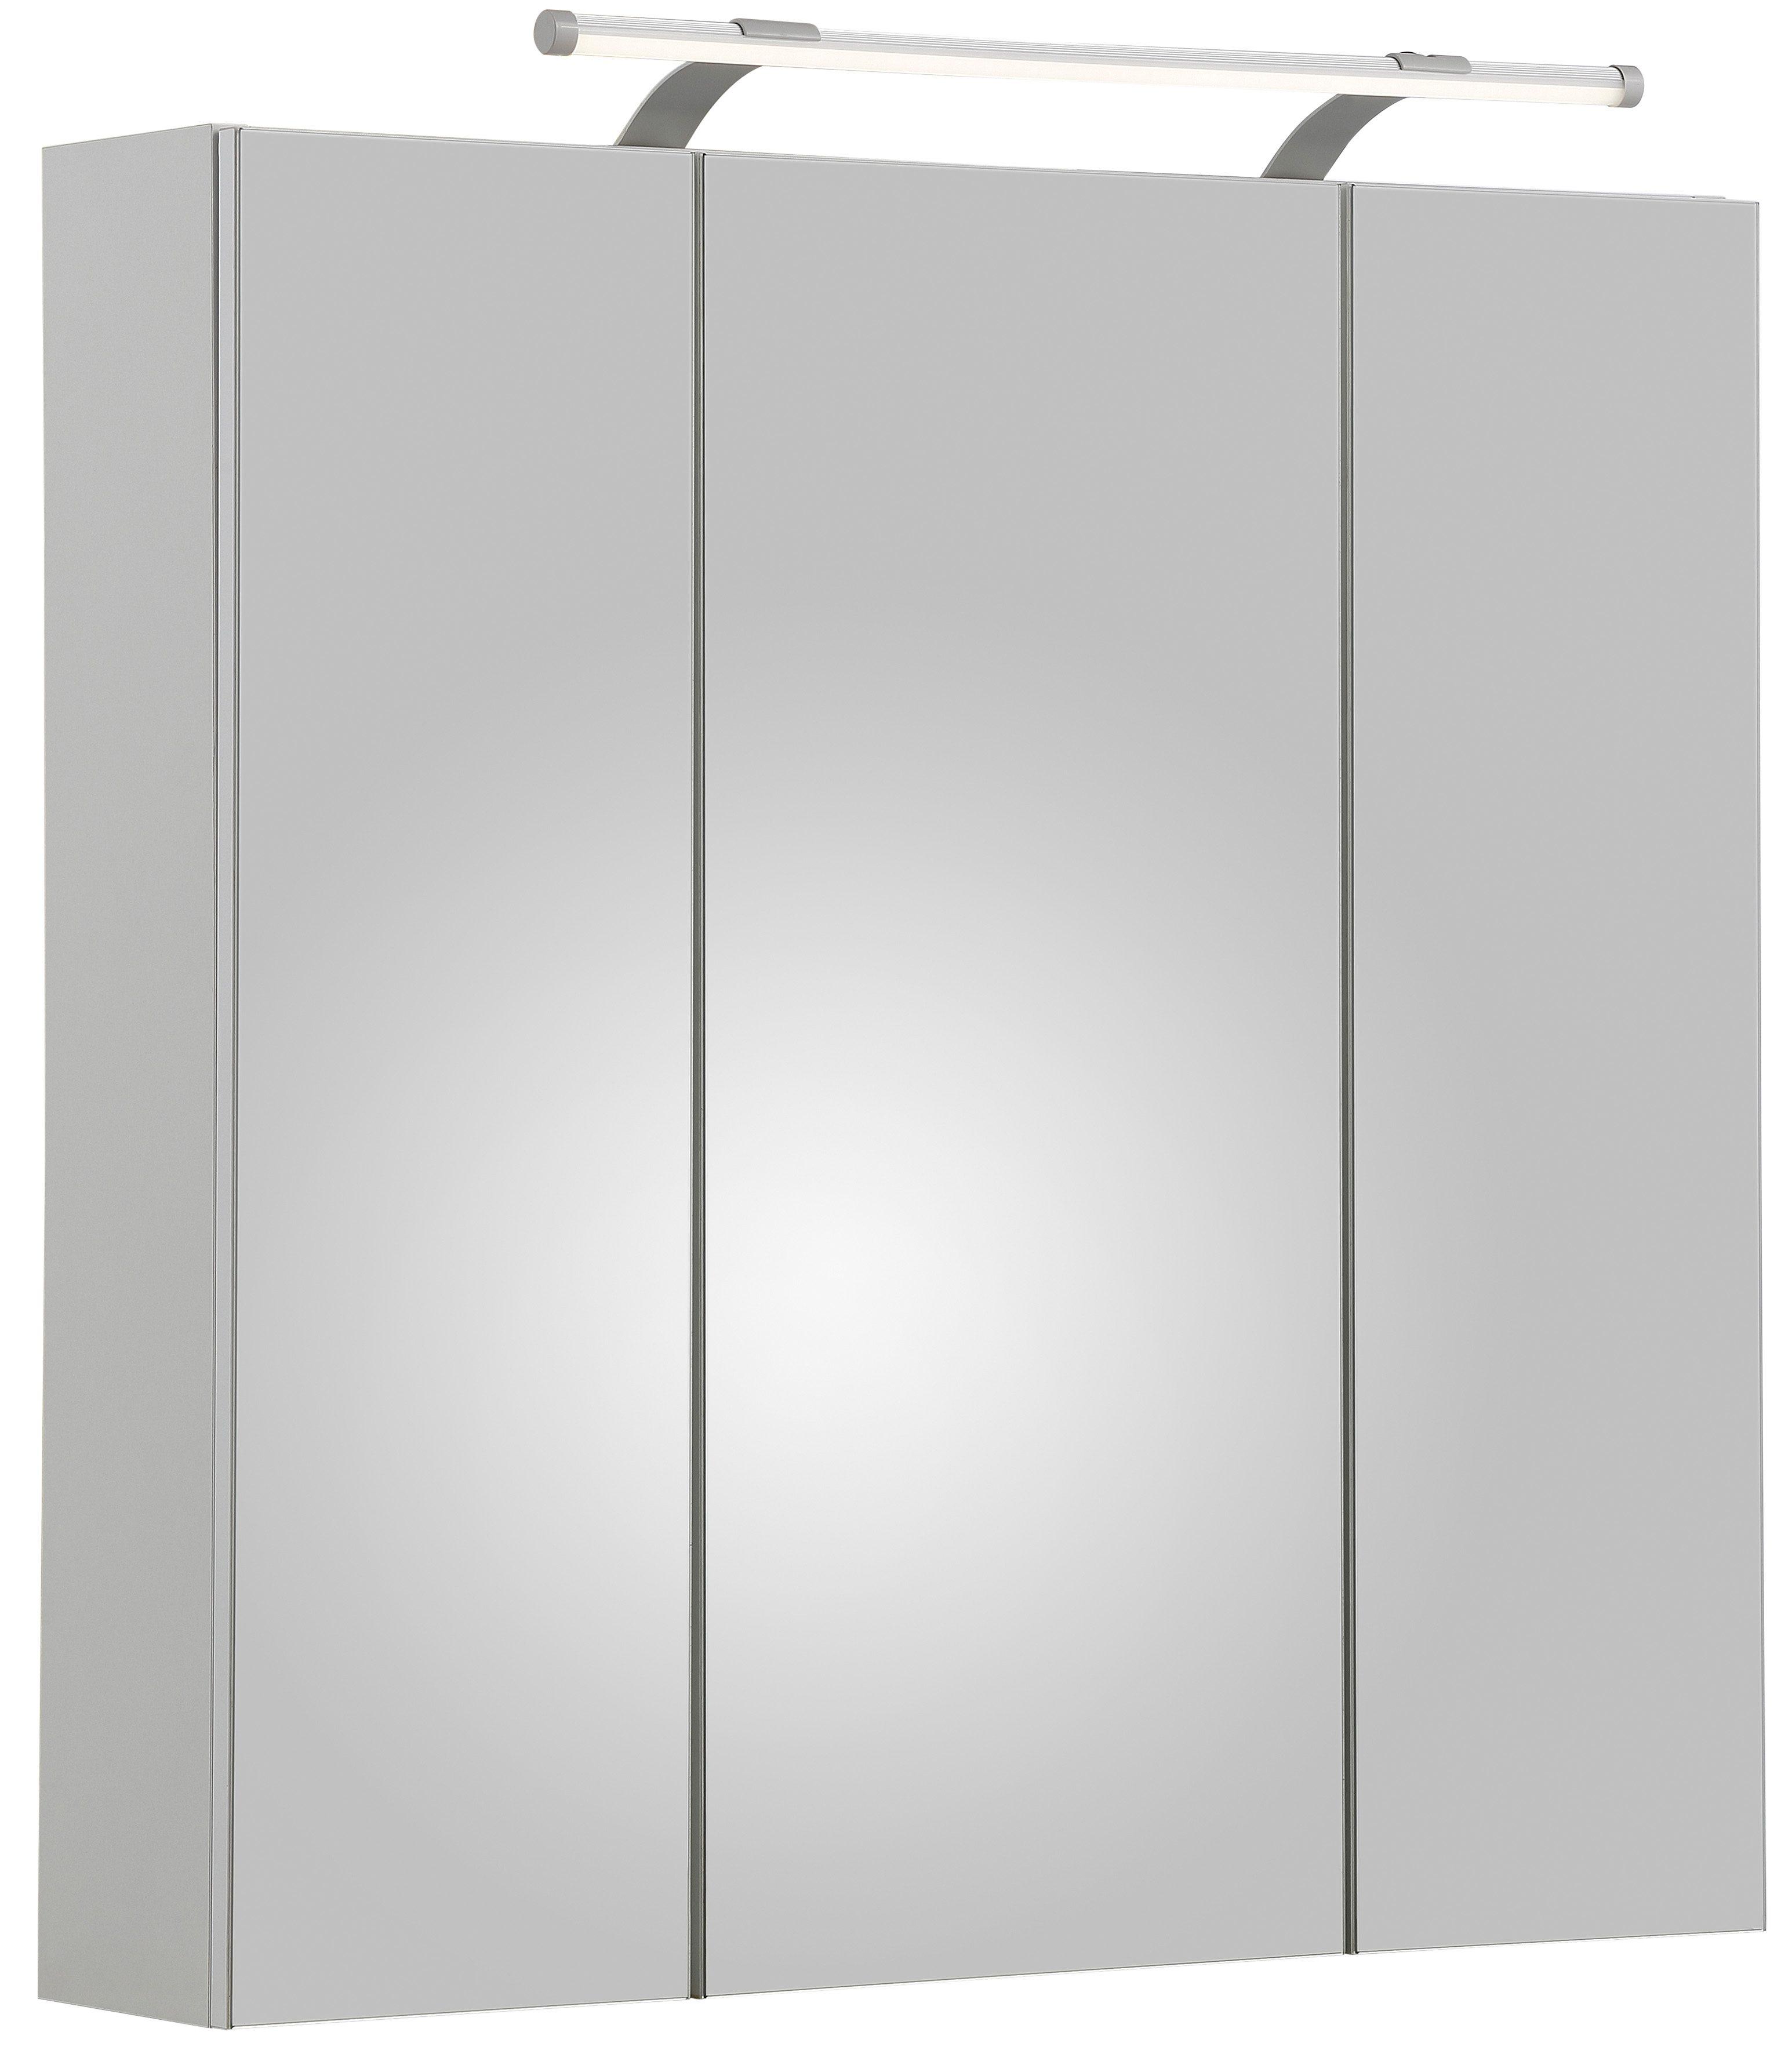 Schildmeyer Spiegelschrank »Dorina« mit LED-Beleuchtung